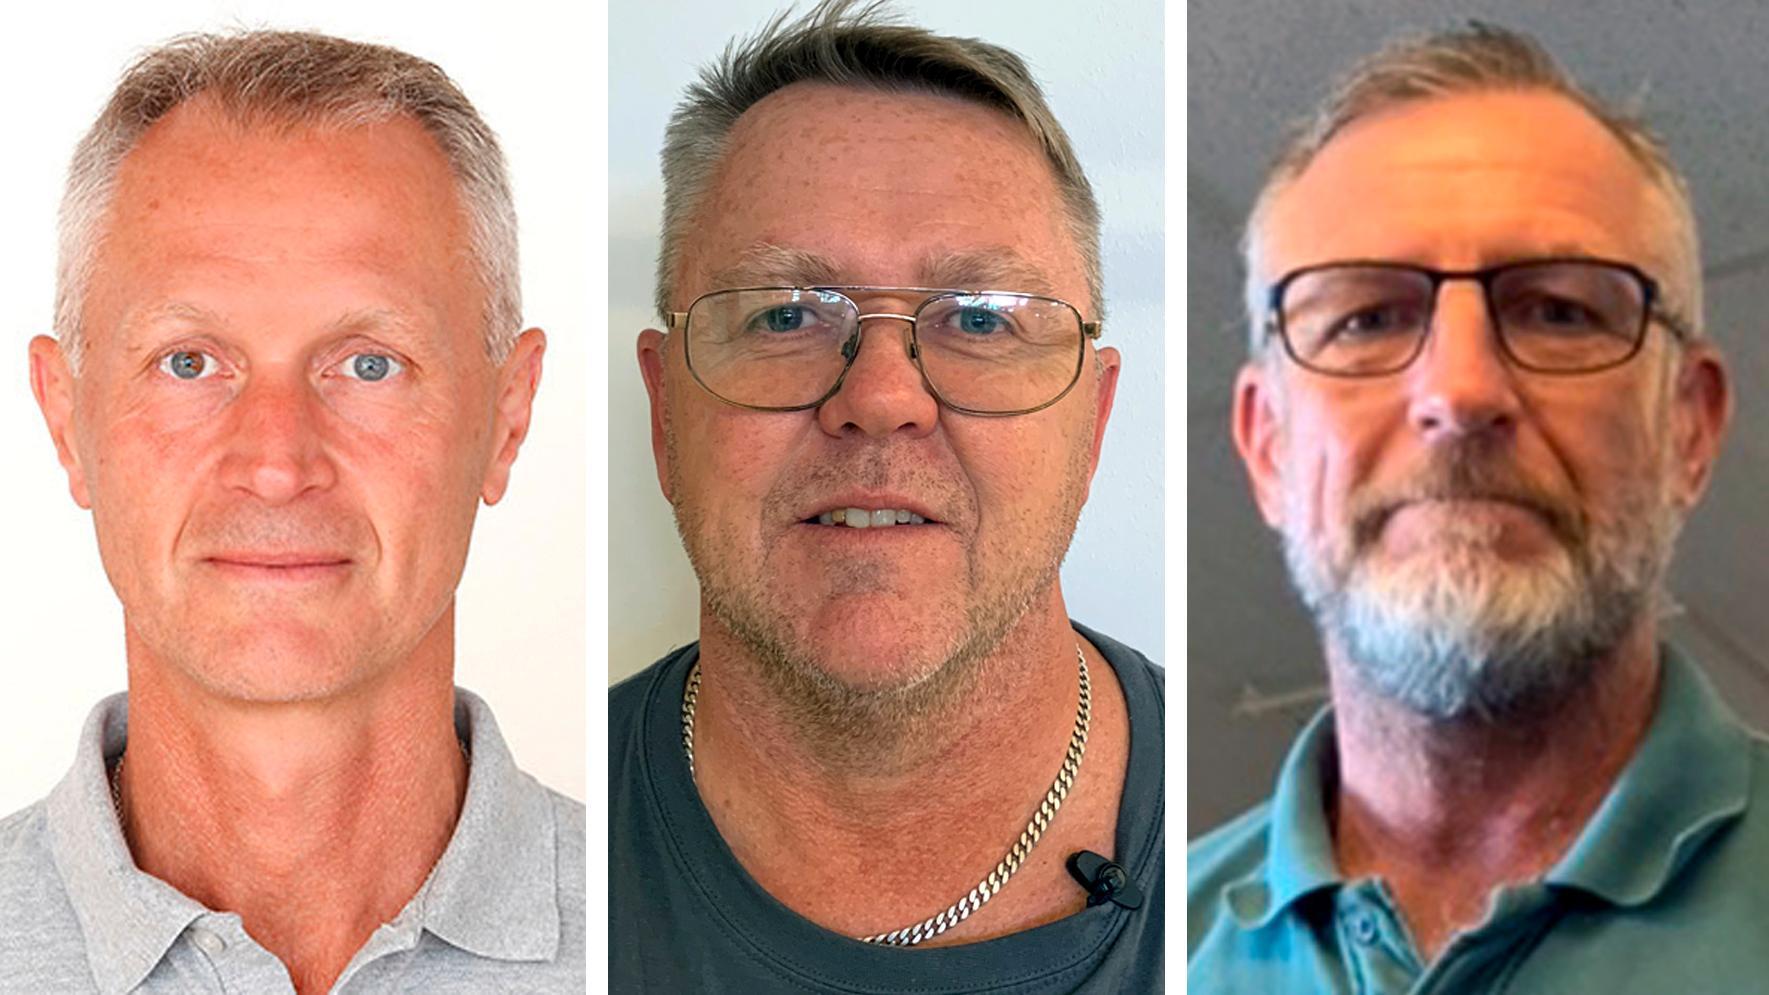 """Arbetskamraterna Stefan Nylander, Jan Harrysson och  Thomas Järnholt hade alla nyligen gått kurs i HLR och visste precis hur de skulle göra. """"Vi gjorde allt enligt instruktionsboken och försökte få kontakt. Men det hände ingenting. Pulsen var borta. Men till slut dök äntligen den första ambulansen upp"""", berättar Thomas."""